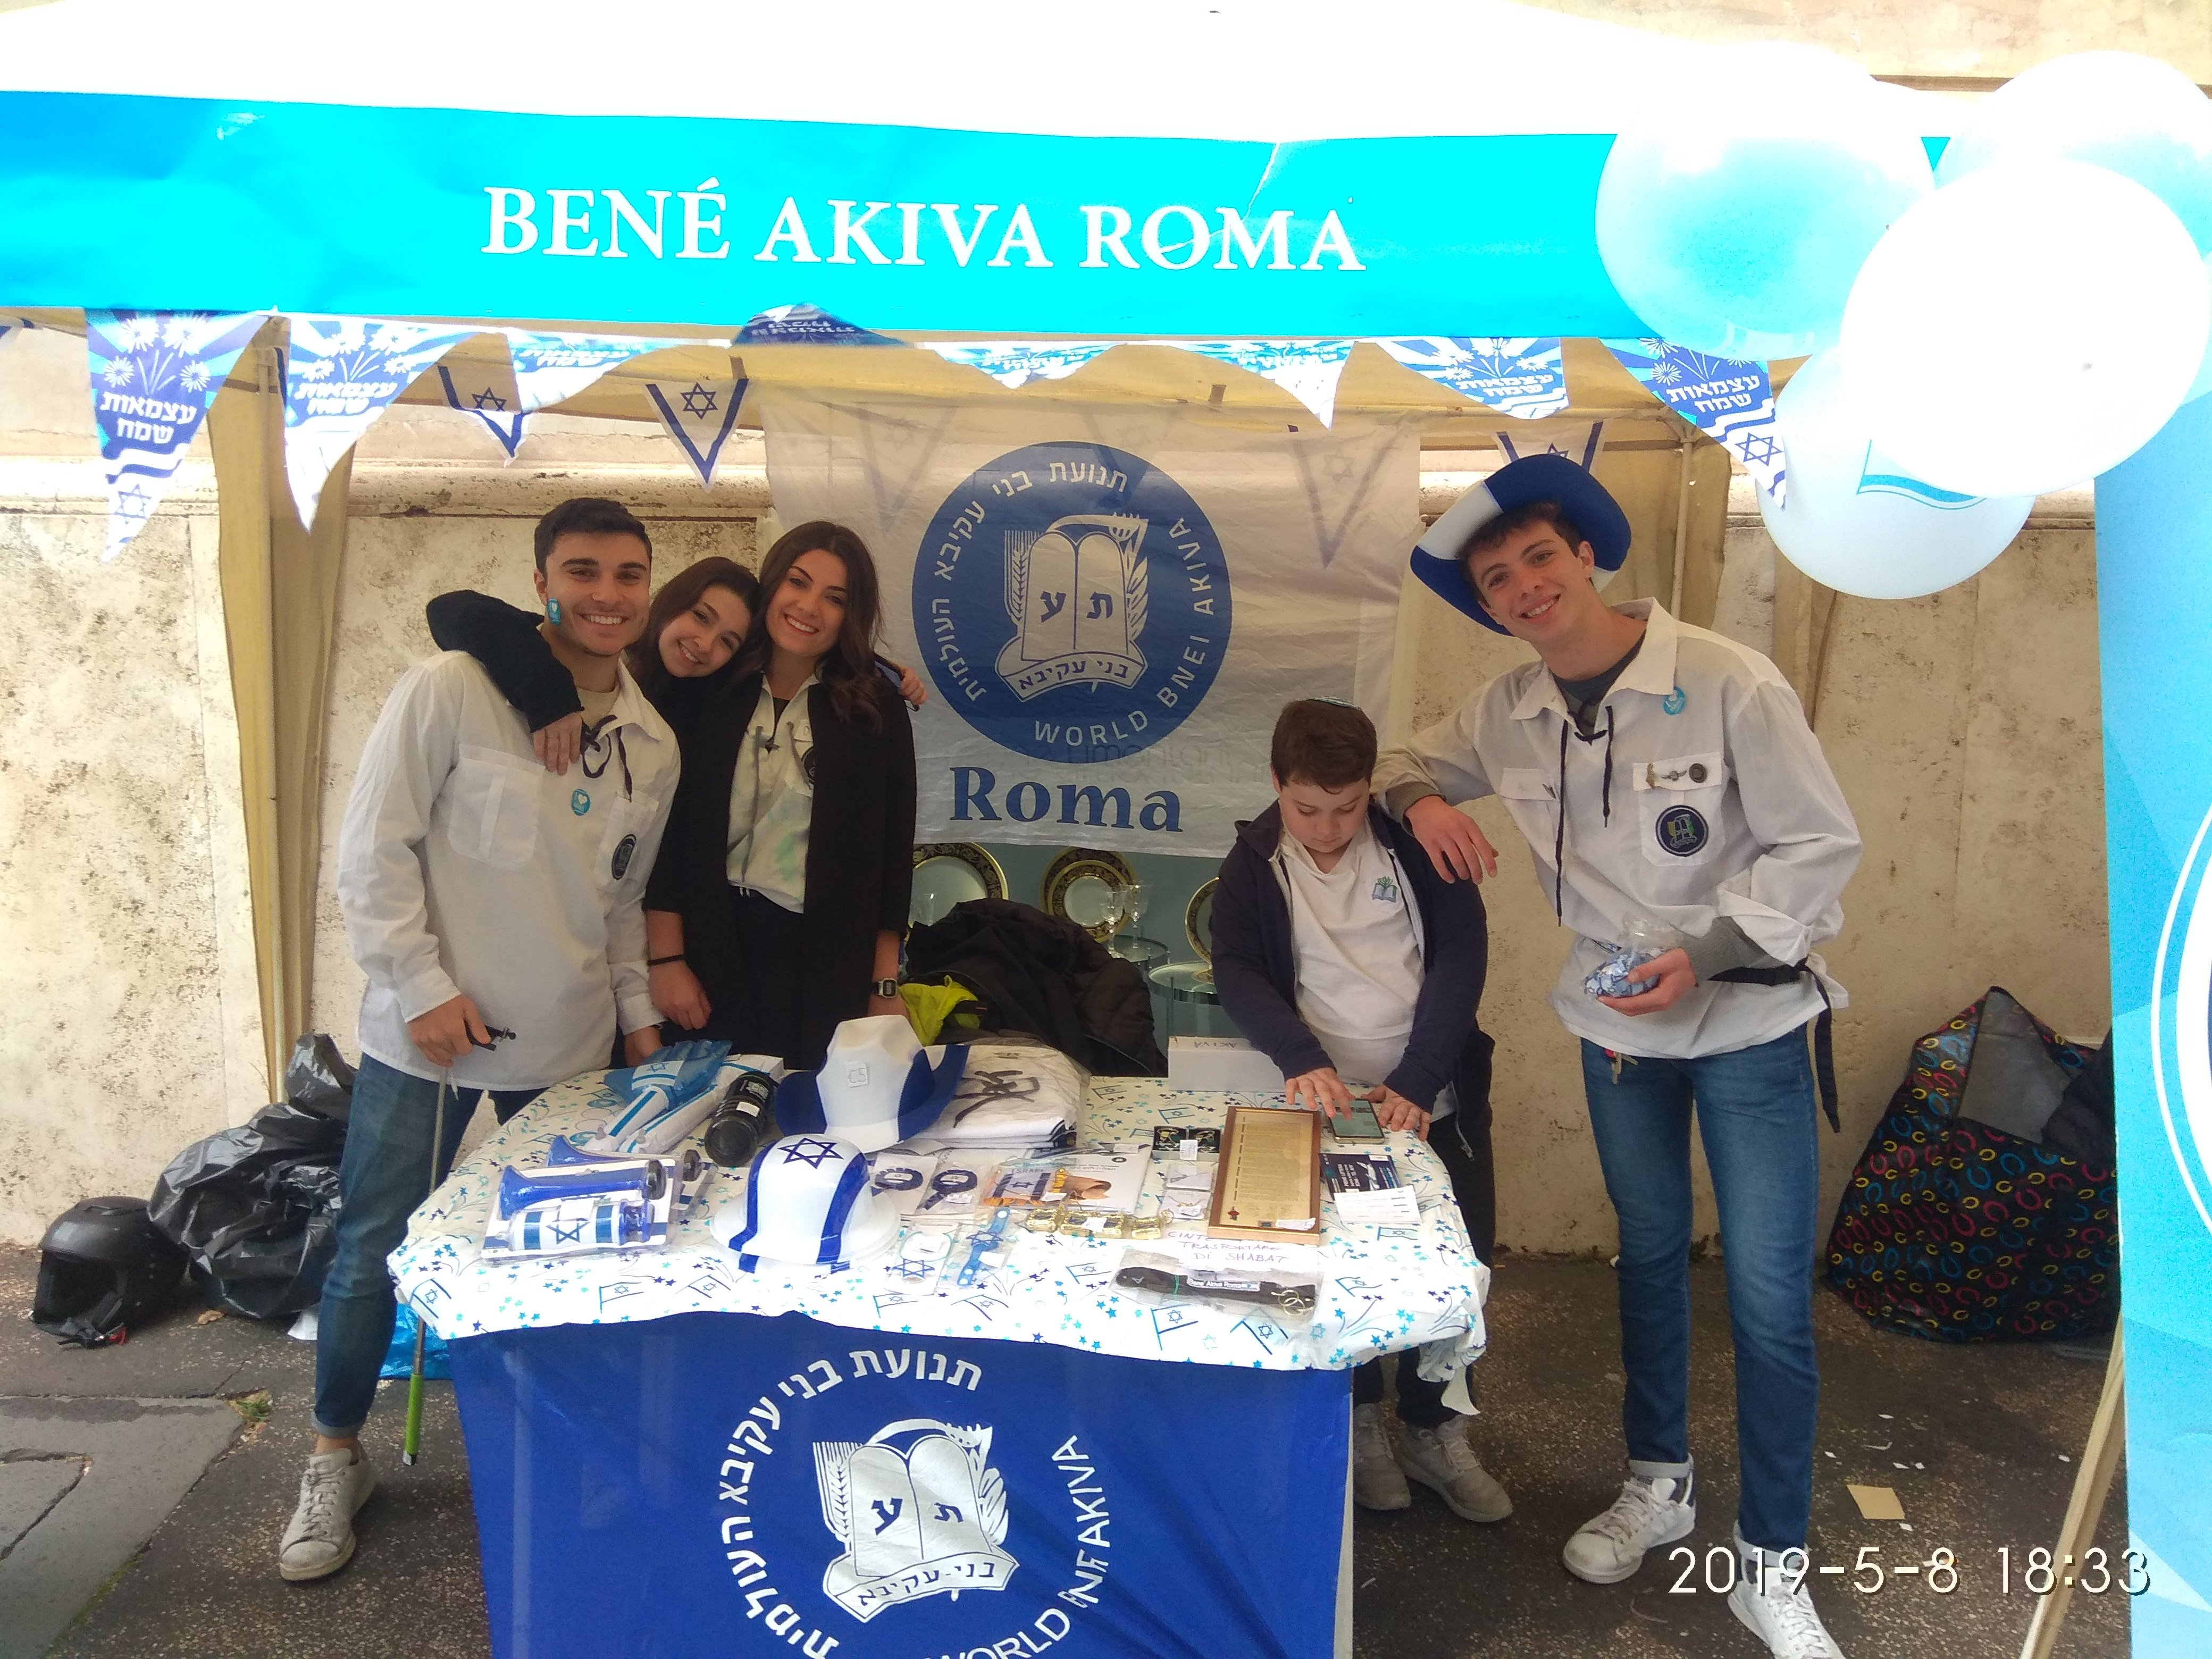 Benè Akiva Roma